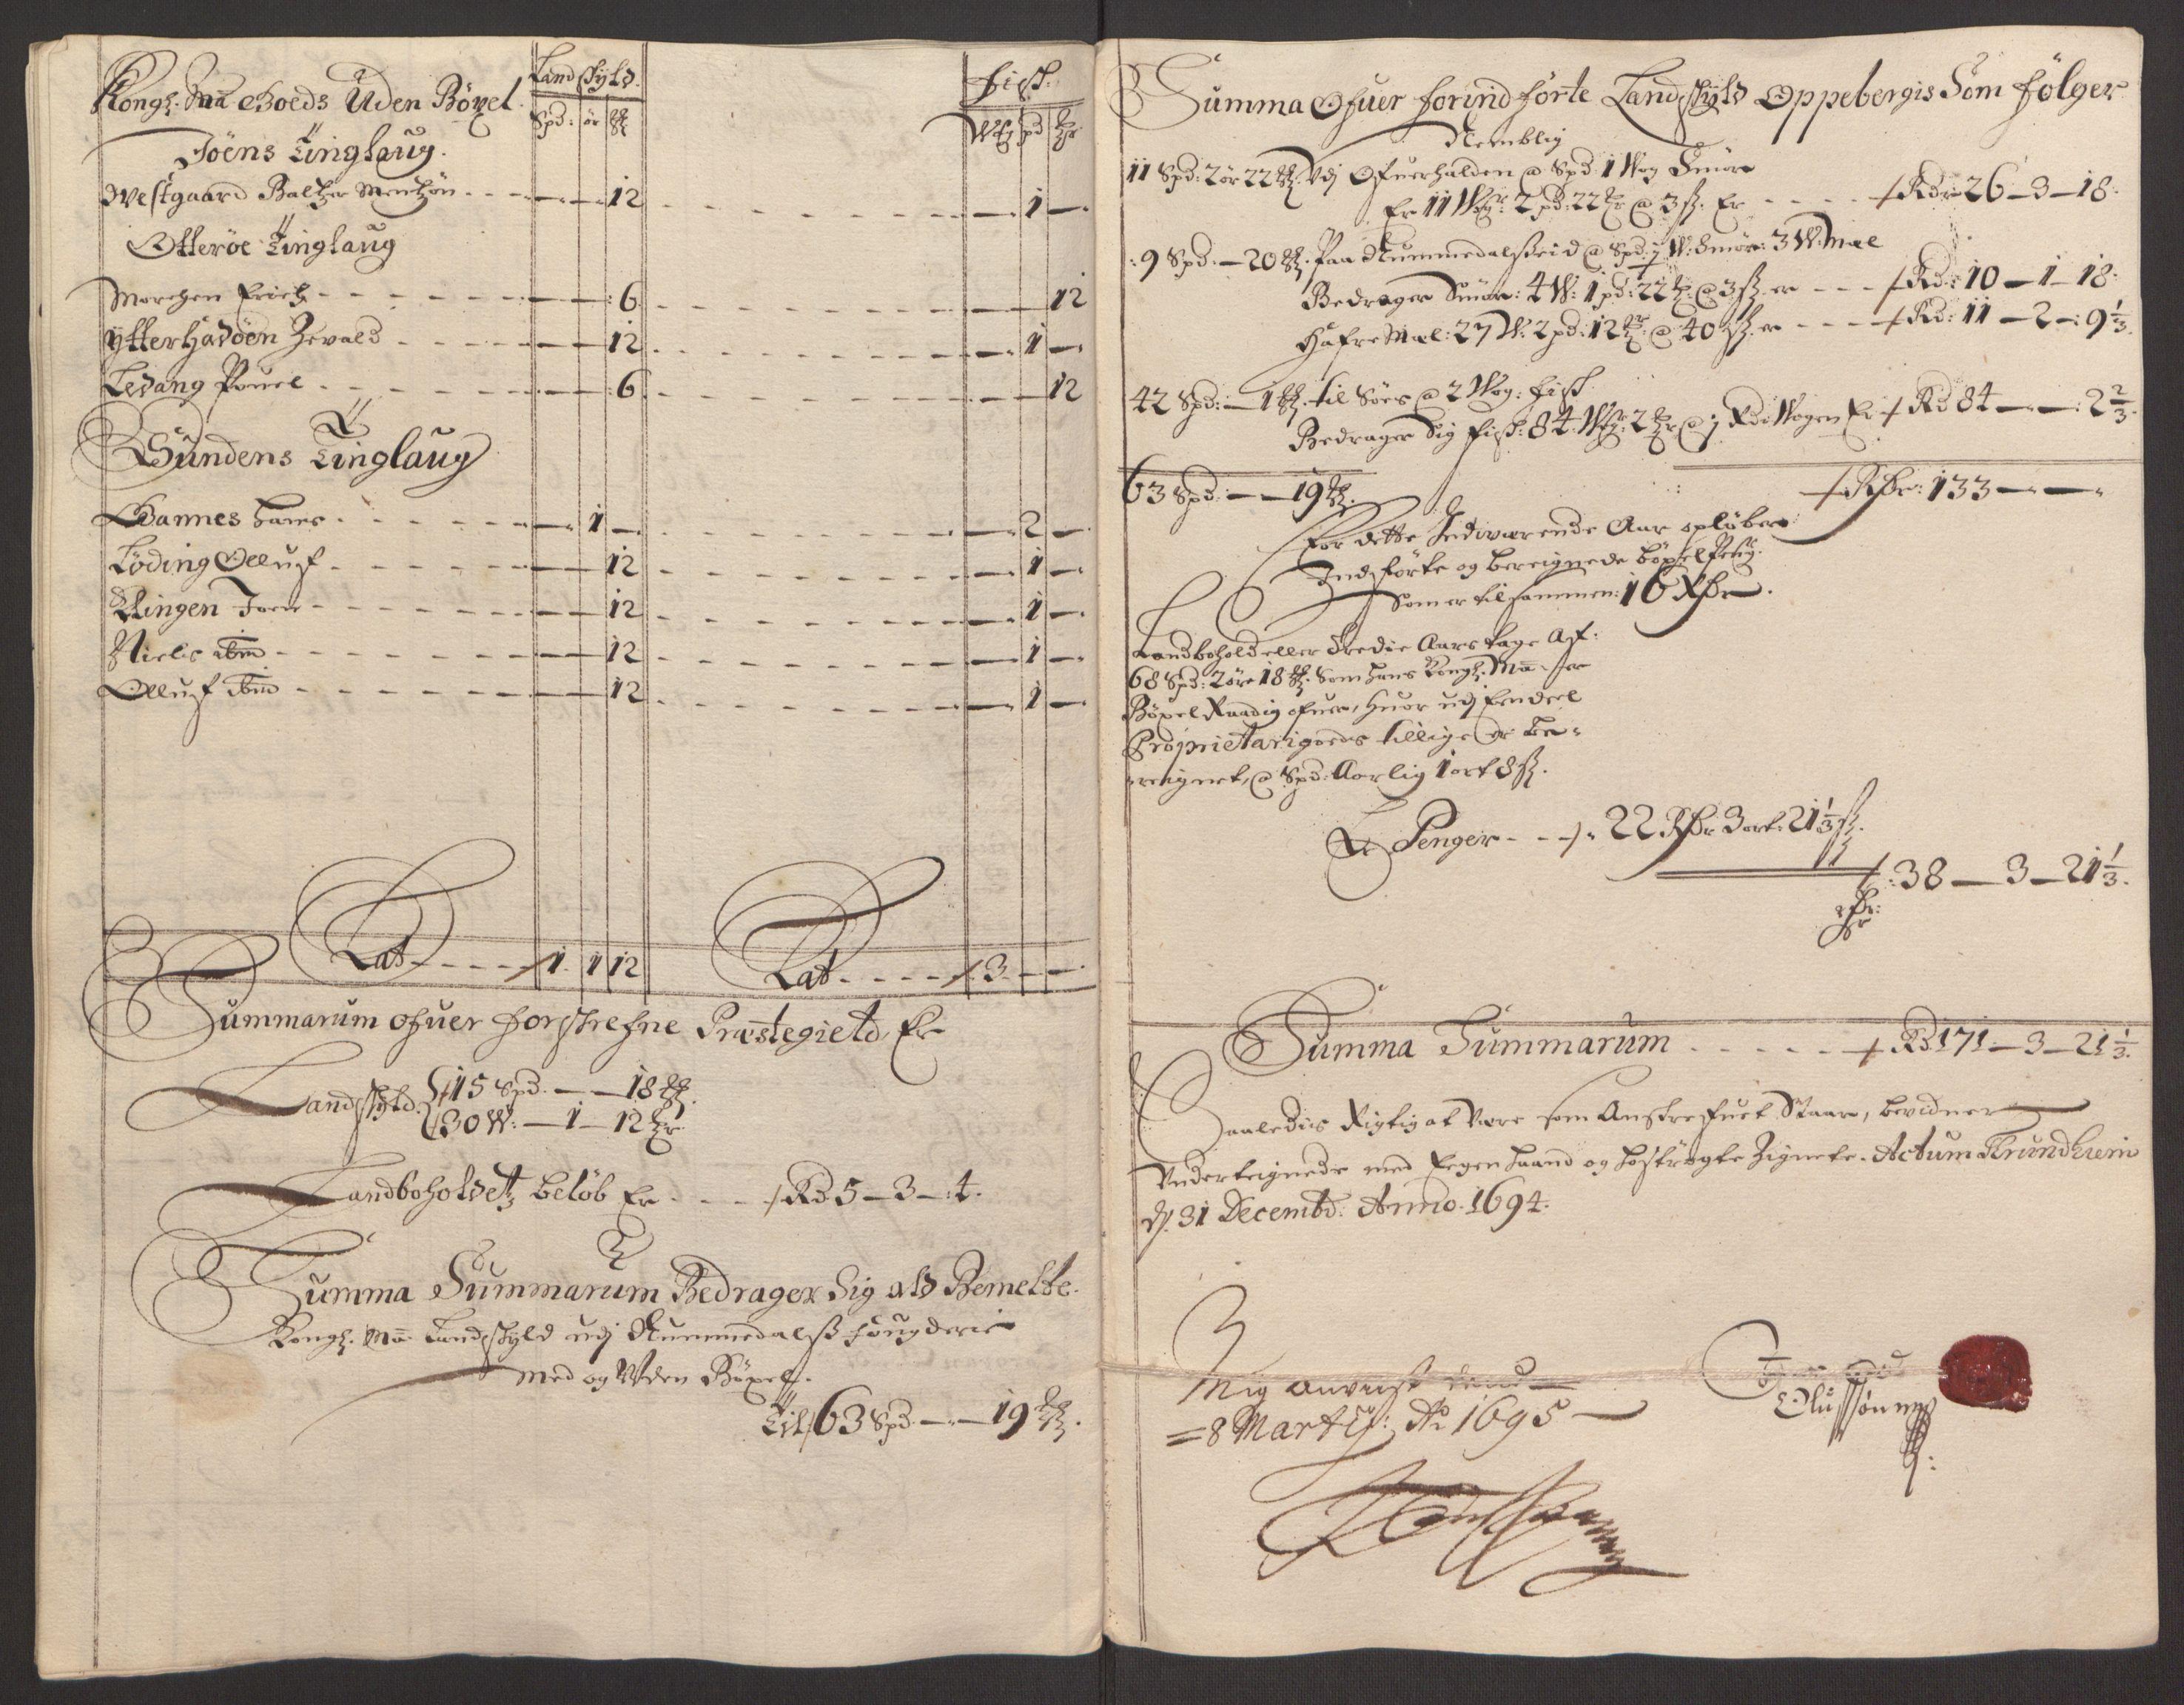 RA, Rentekammeret inntil 1814, Reviderte regnskaper, Fogderegnskap, R64/L4424: Fogderegnskap Namdal, 1692-1695, s. 378